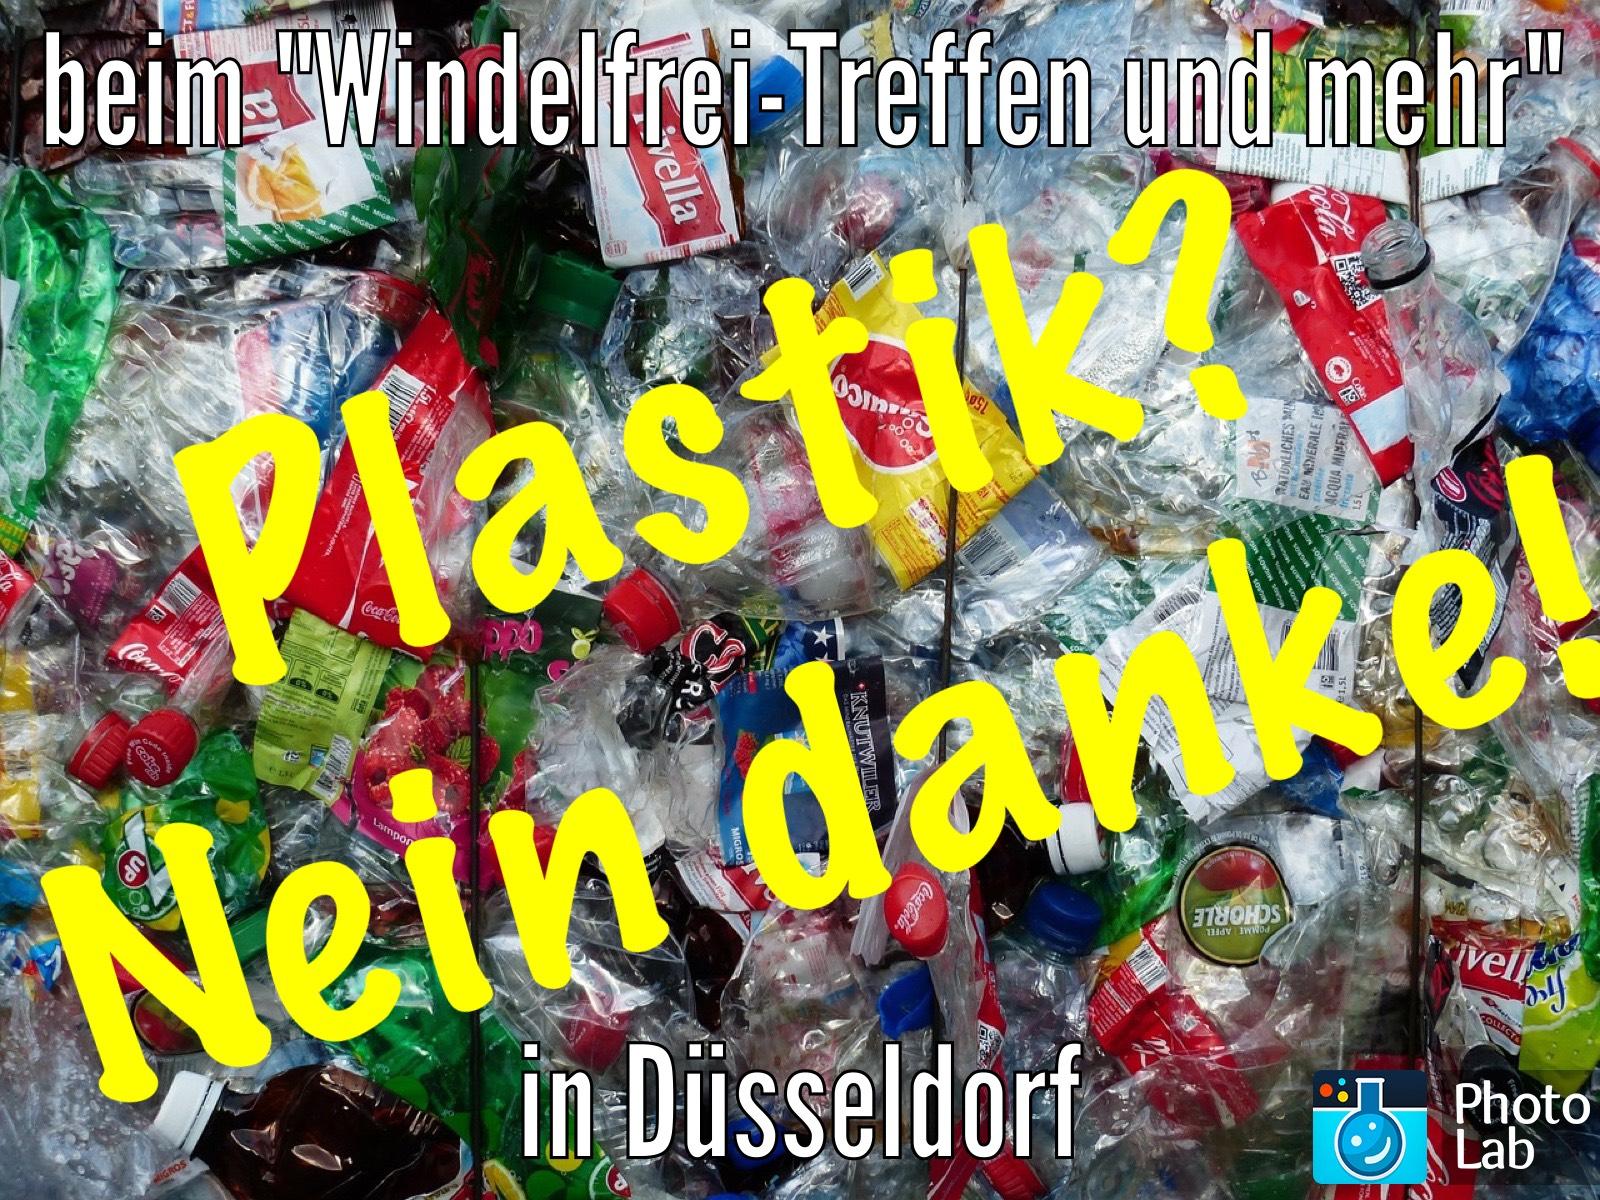 Kein Plastik! Windelfrei-Treffen und mehr in Düsseldorf